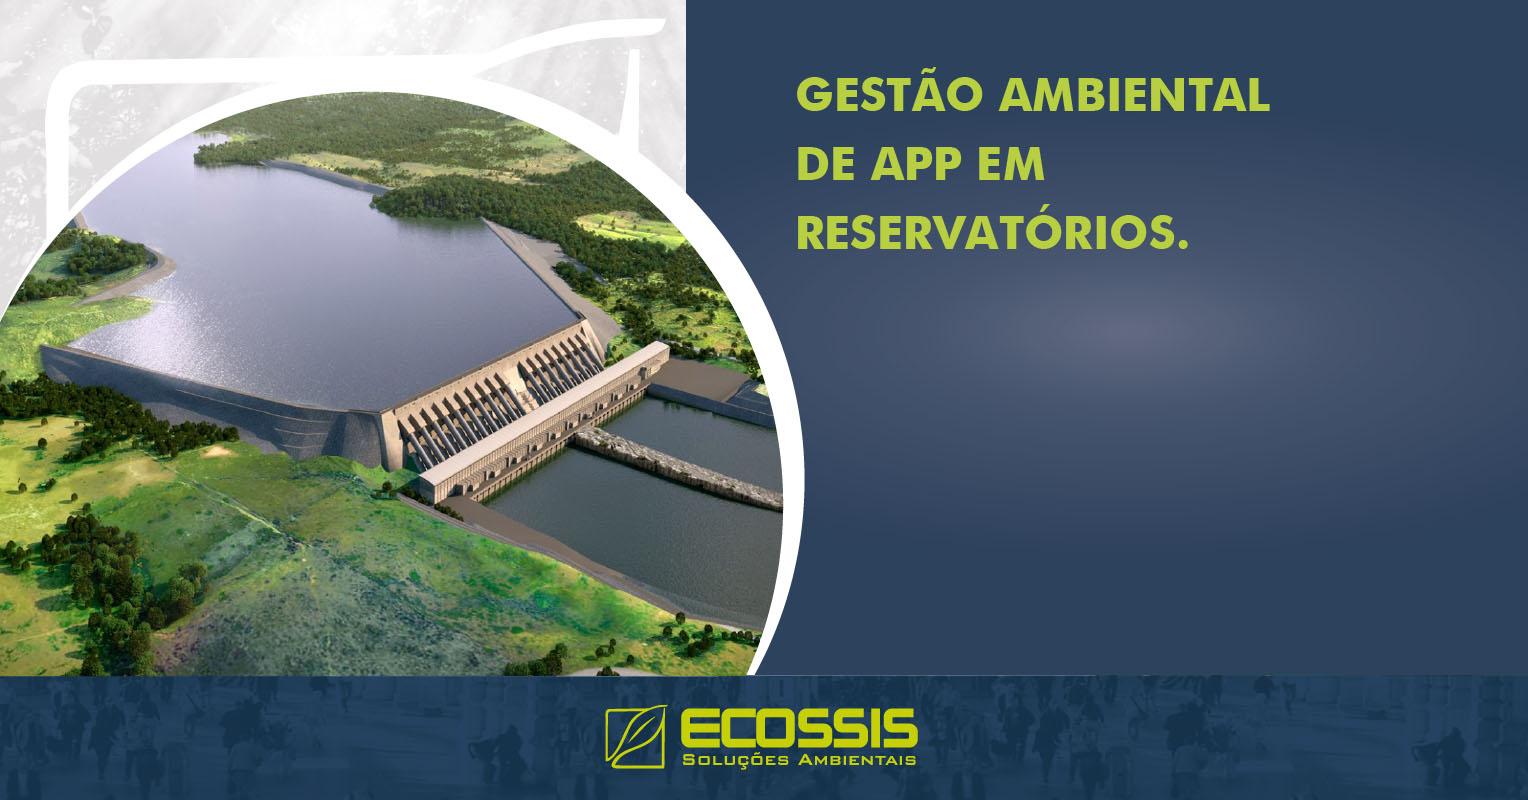 Gestão Ambiental de APP em Reservatórios